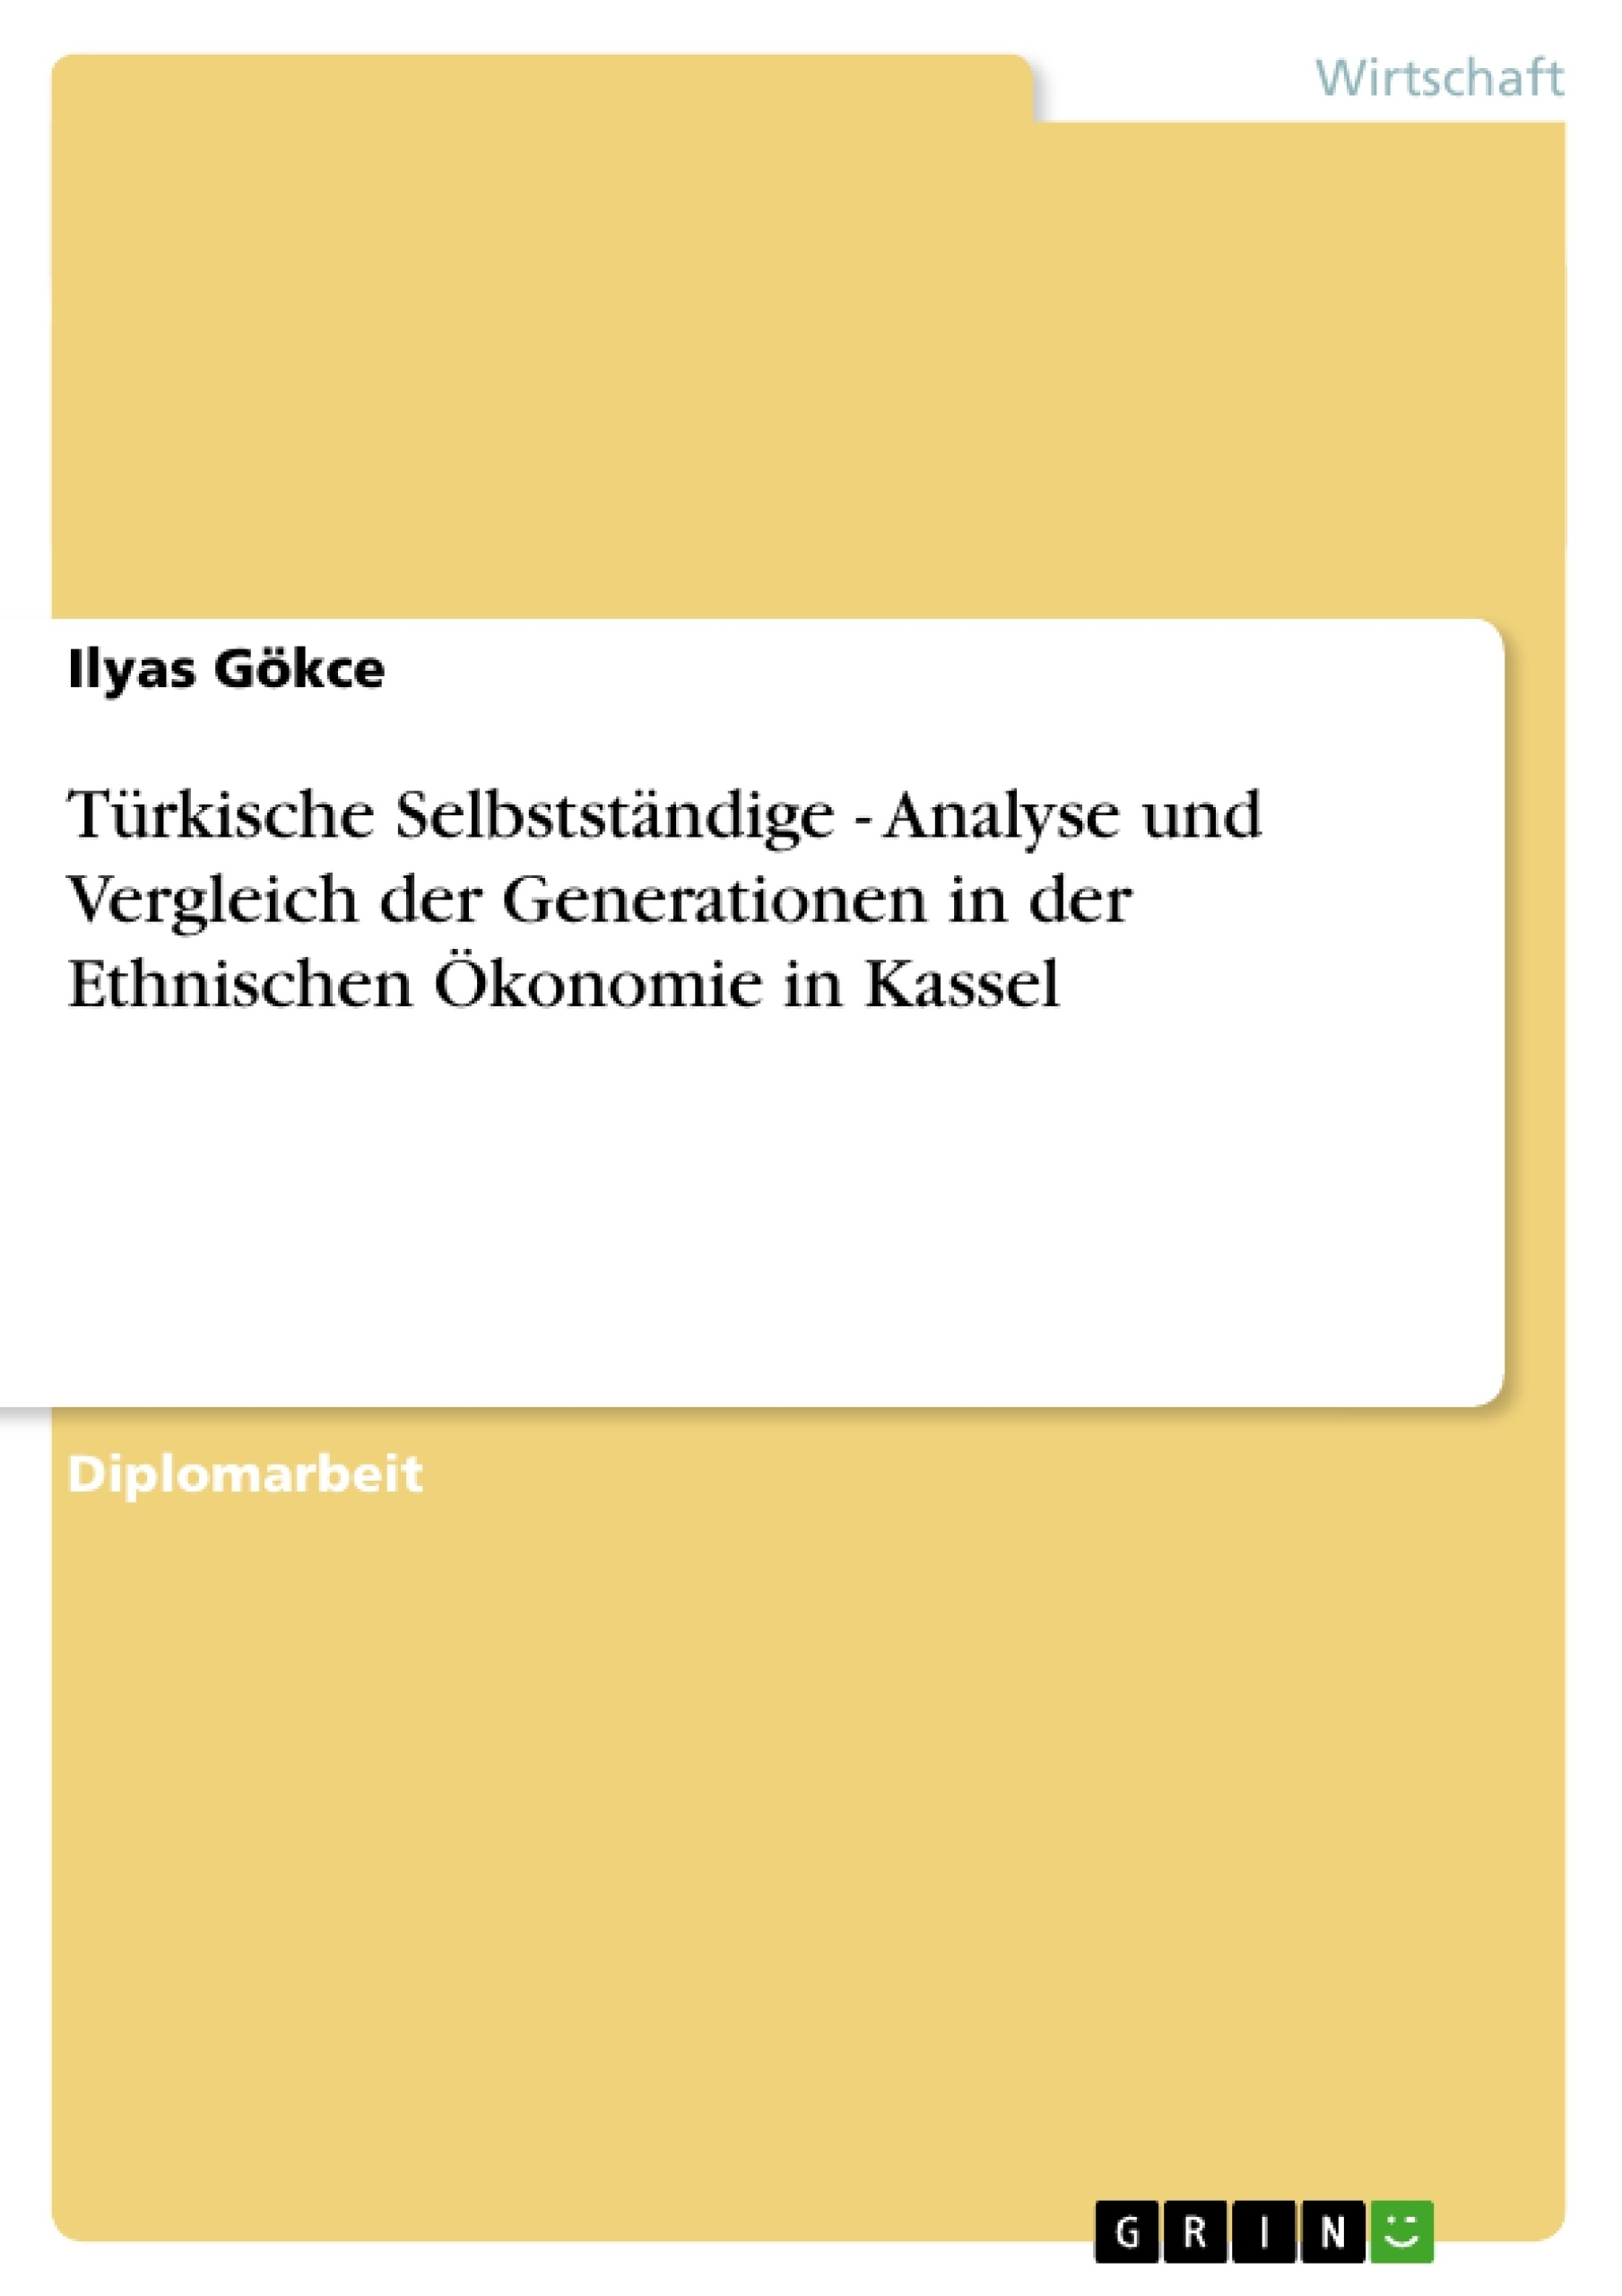 Titel: Türkische Selbstständige - Analyse und Vergleich der Generationen in der Ethnischen Ökonomie in Kassel